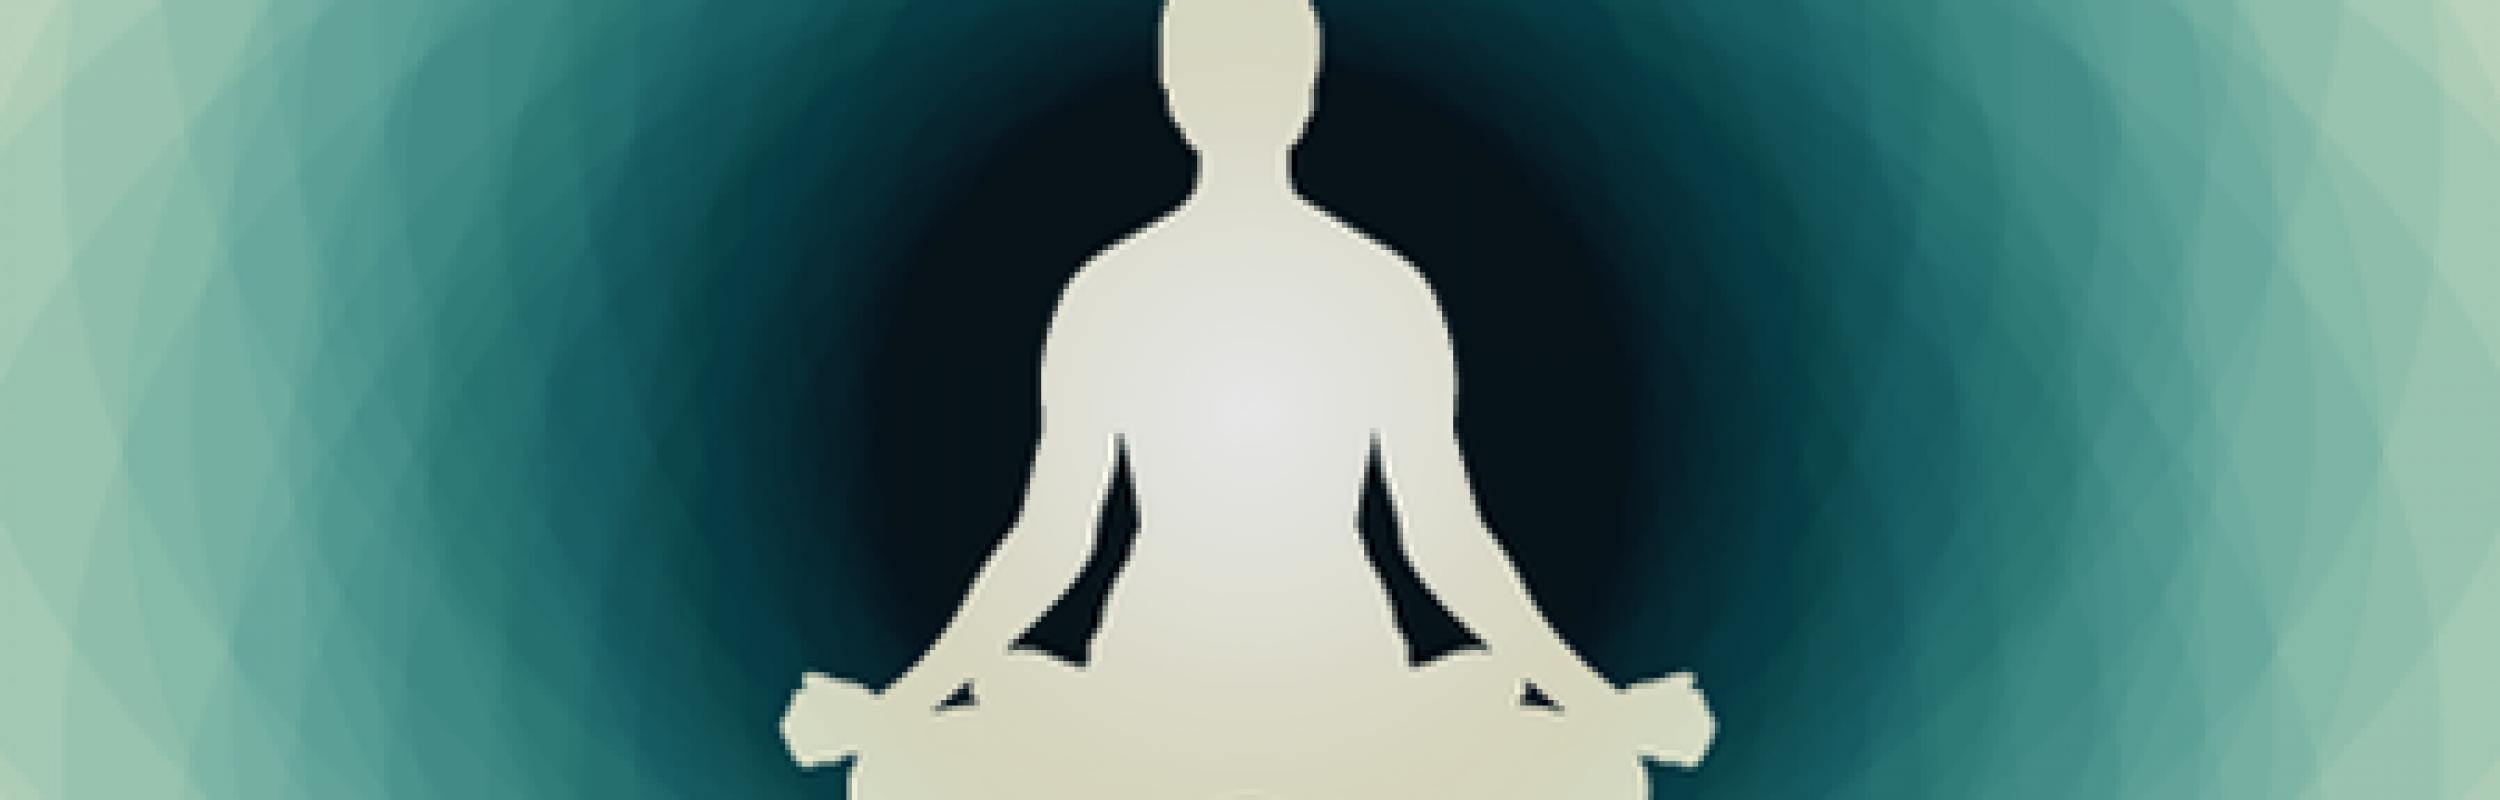 Algunas reflexiones sobre la meditación